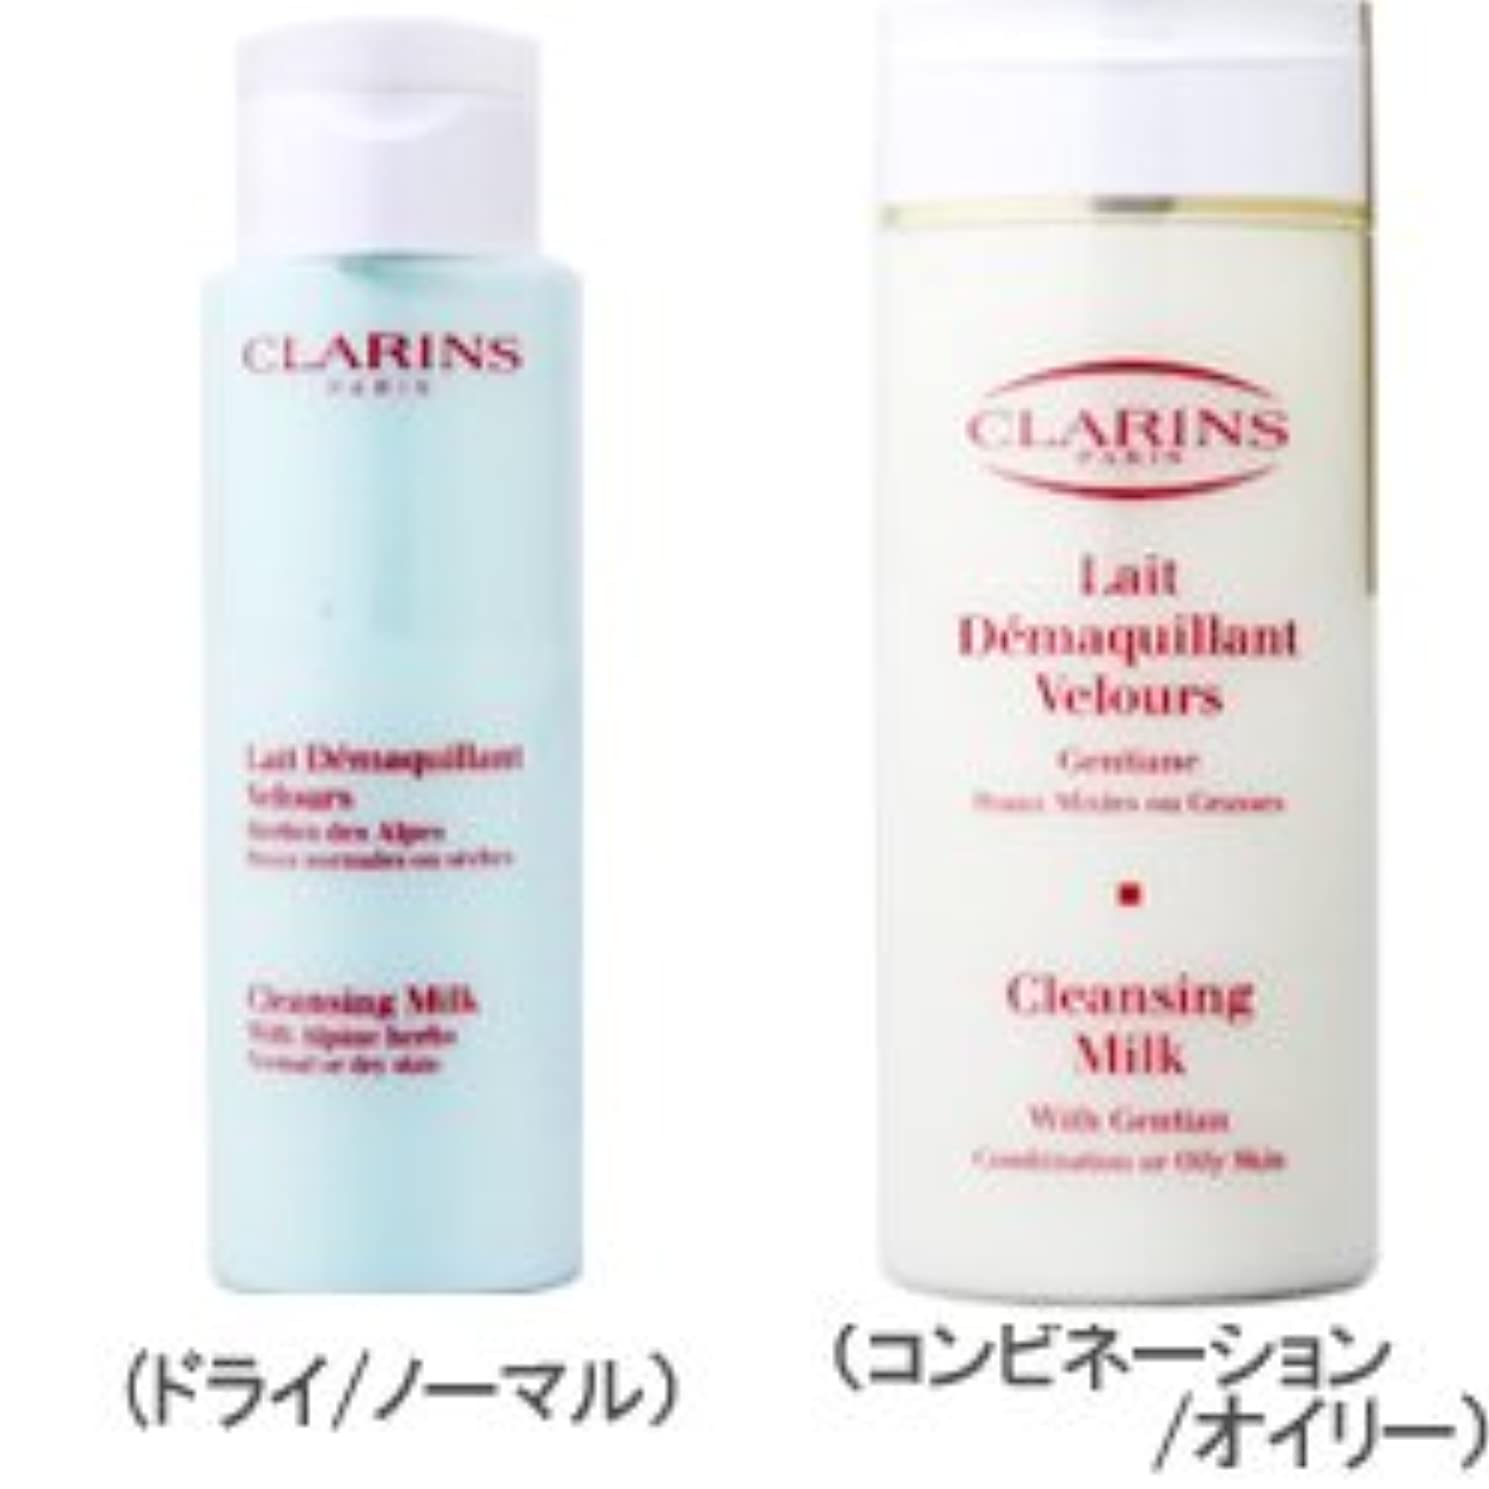 印象的硬化する神経衰弱クラランス CLARINS クレンジング ミルク 200mL【コンビネーション/オイリー】 [並行輸入品]